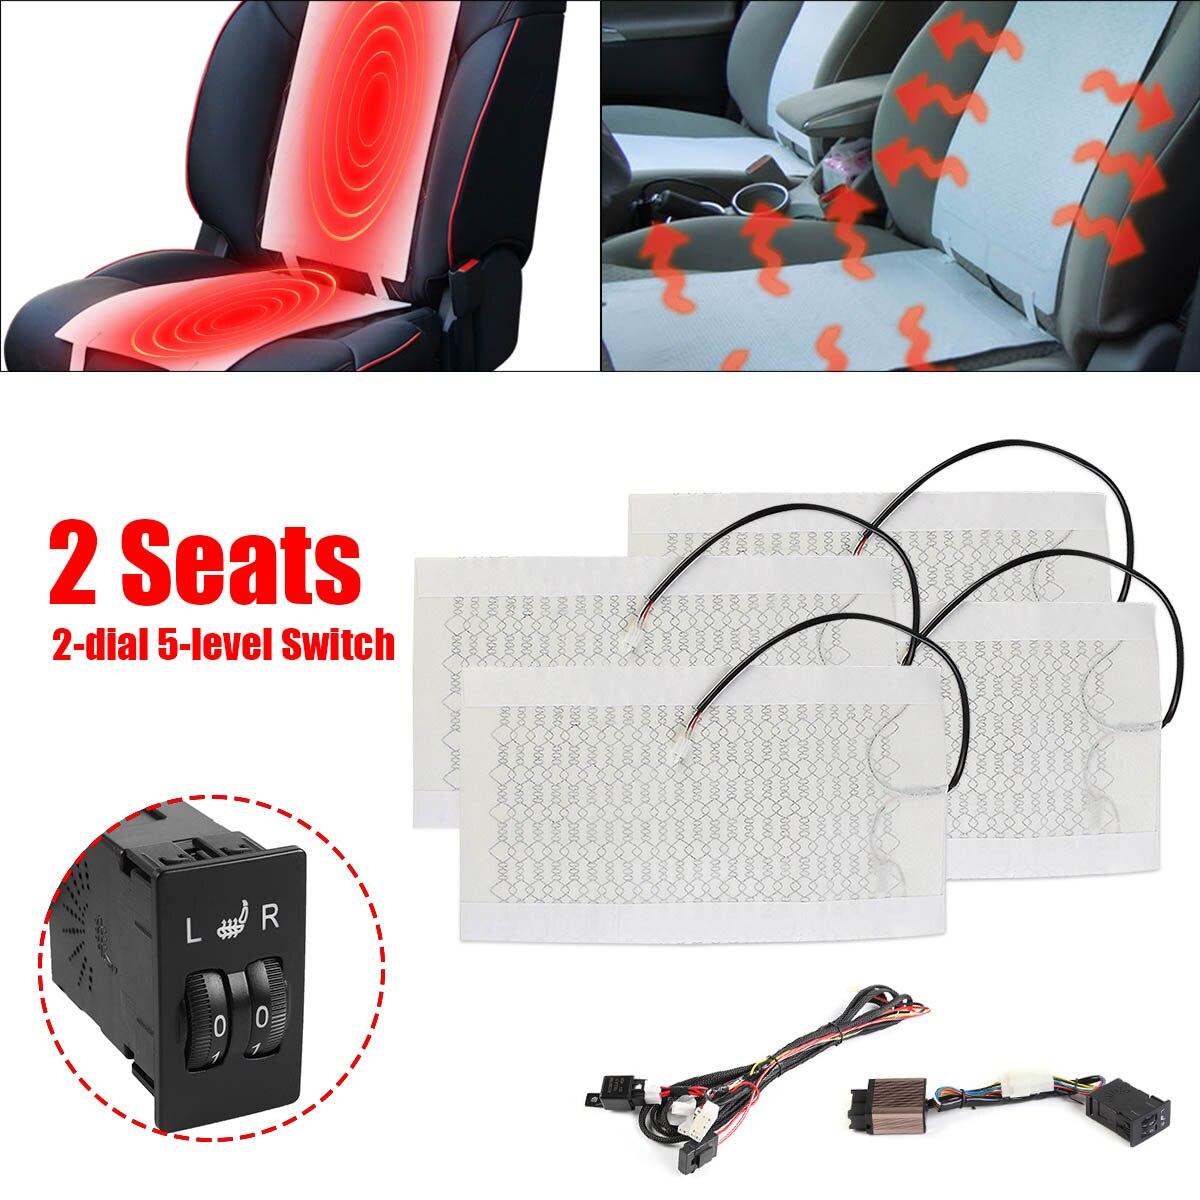 2 יחידות 1 Seat12V סיבי פחמן אוניברסלי מחומם מושב דוד רפידות רכב גבוה/נמוך עגול מתג דוד מתחמם